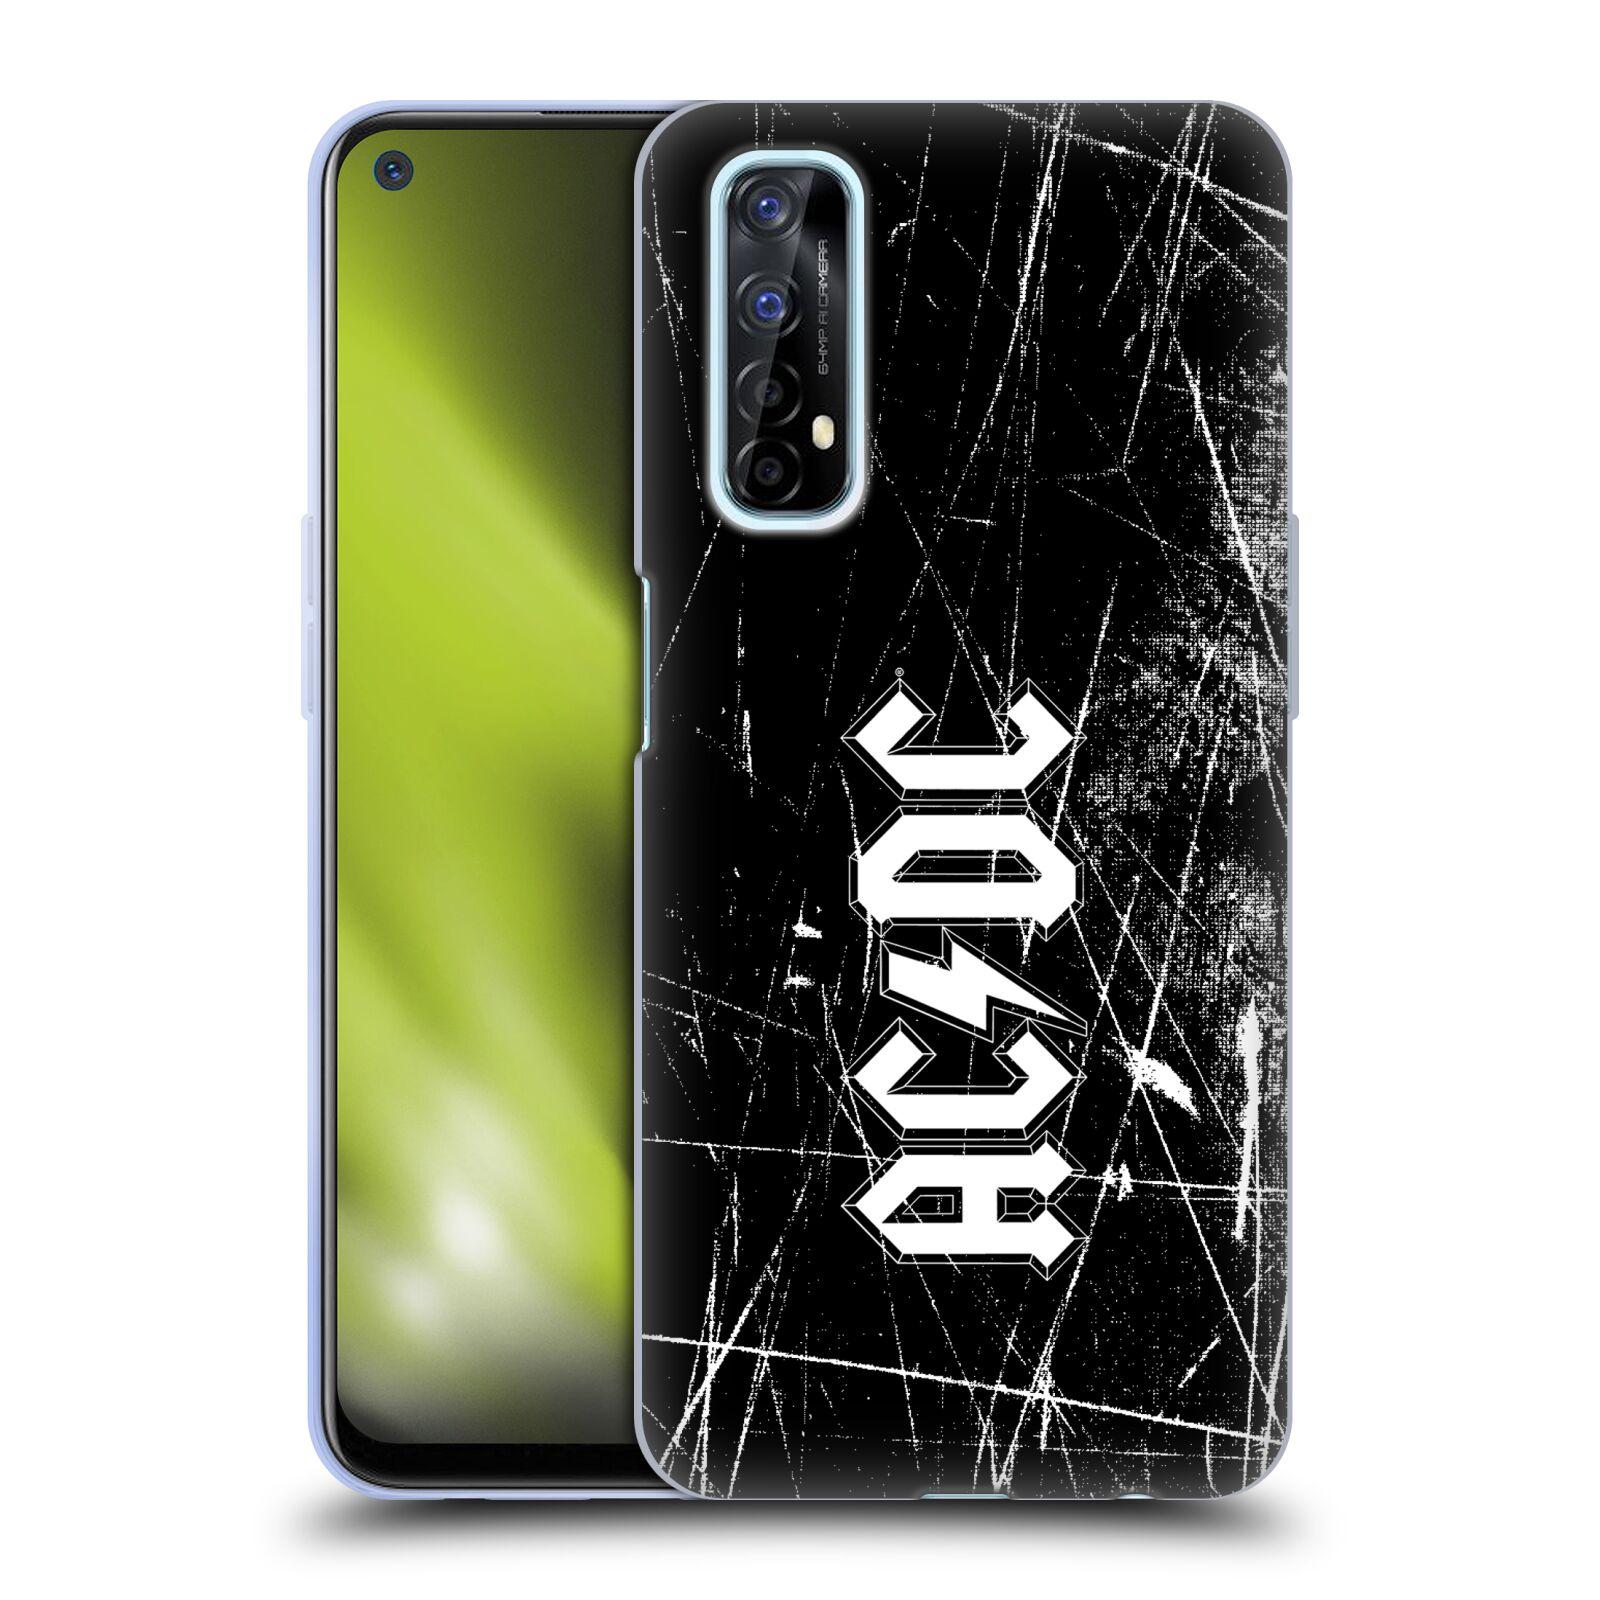 Silikonové pouzdro na mobil Realme 7 - Head Case - AC/DC Černobílé logo